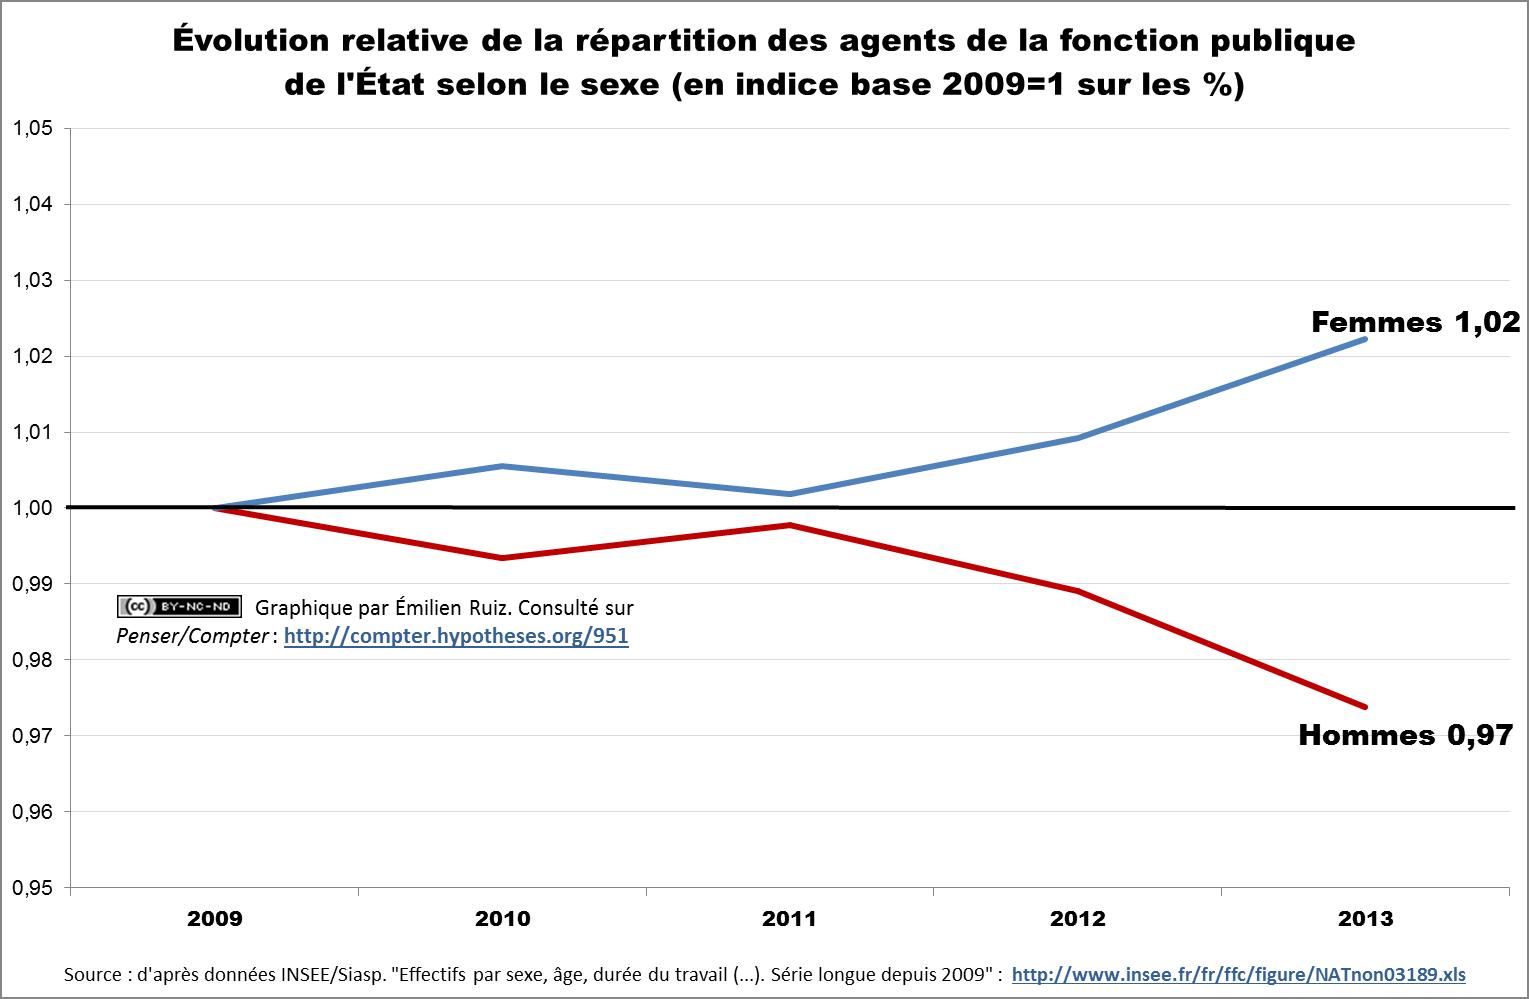 Évolution relative de la répartition des agents de la fonction publique de l'État selon le sexe (en indice base 2009=1 sur les %)